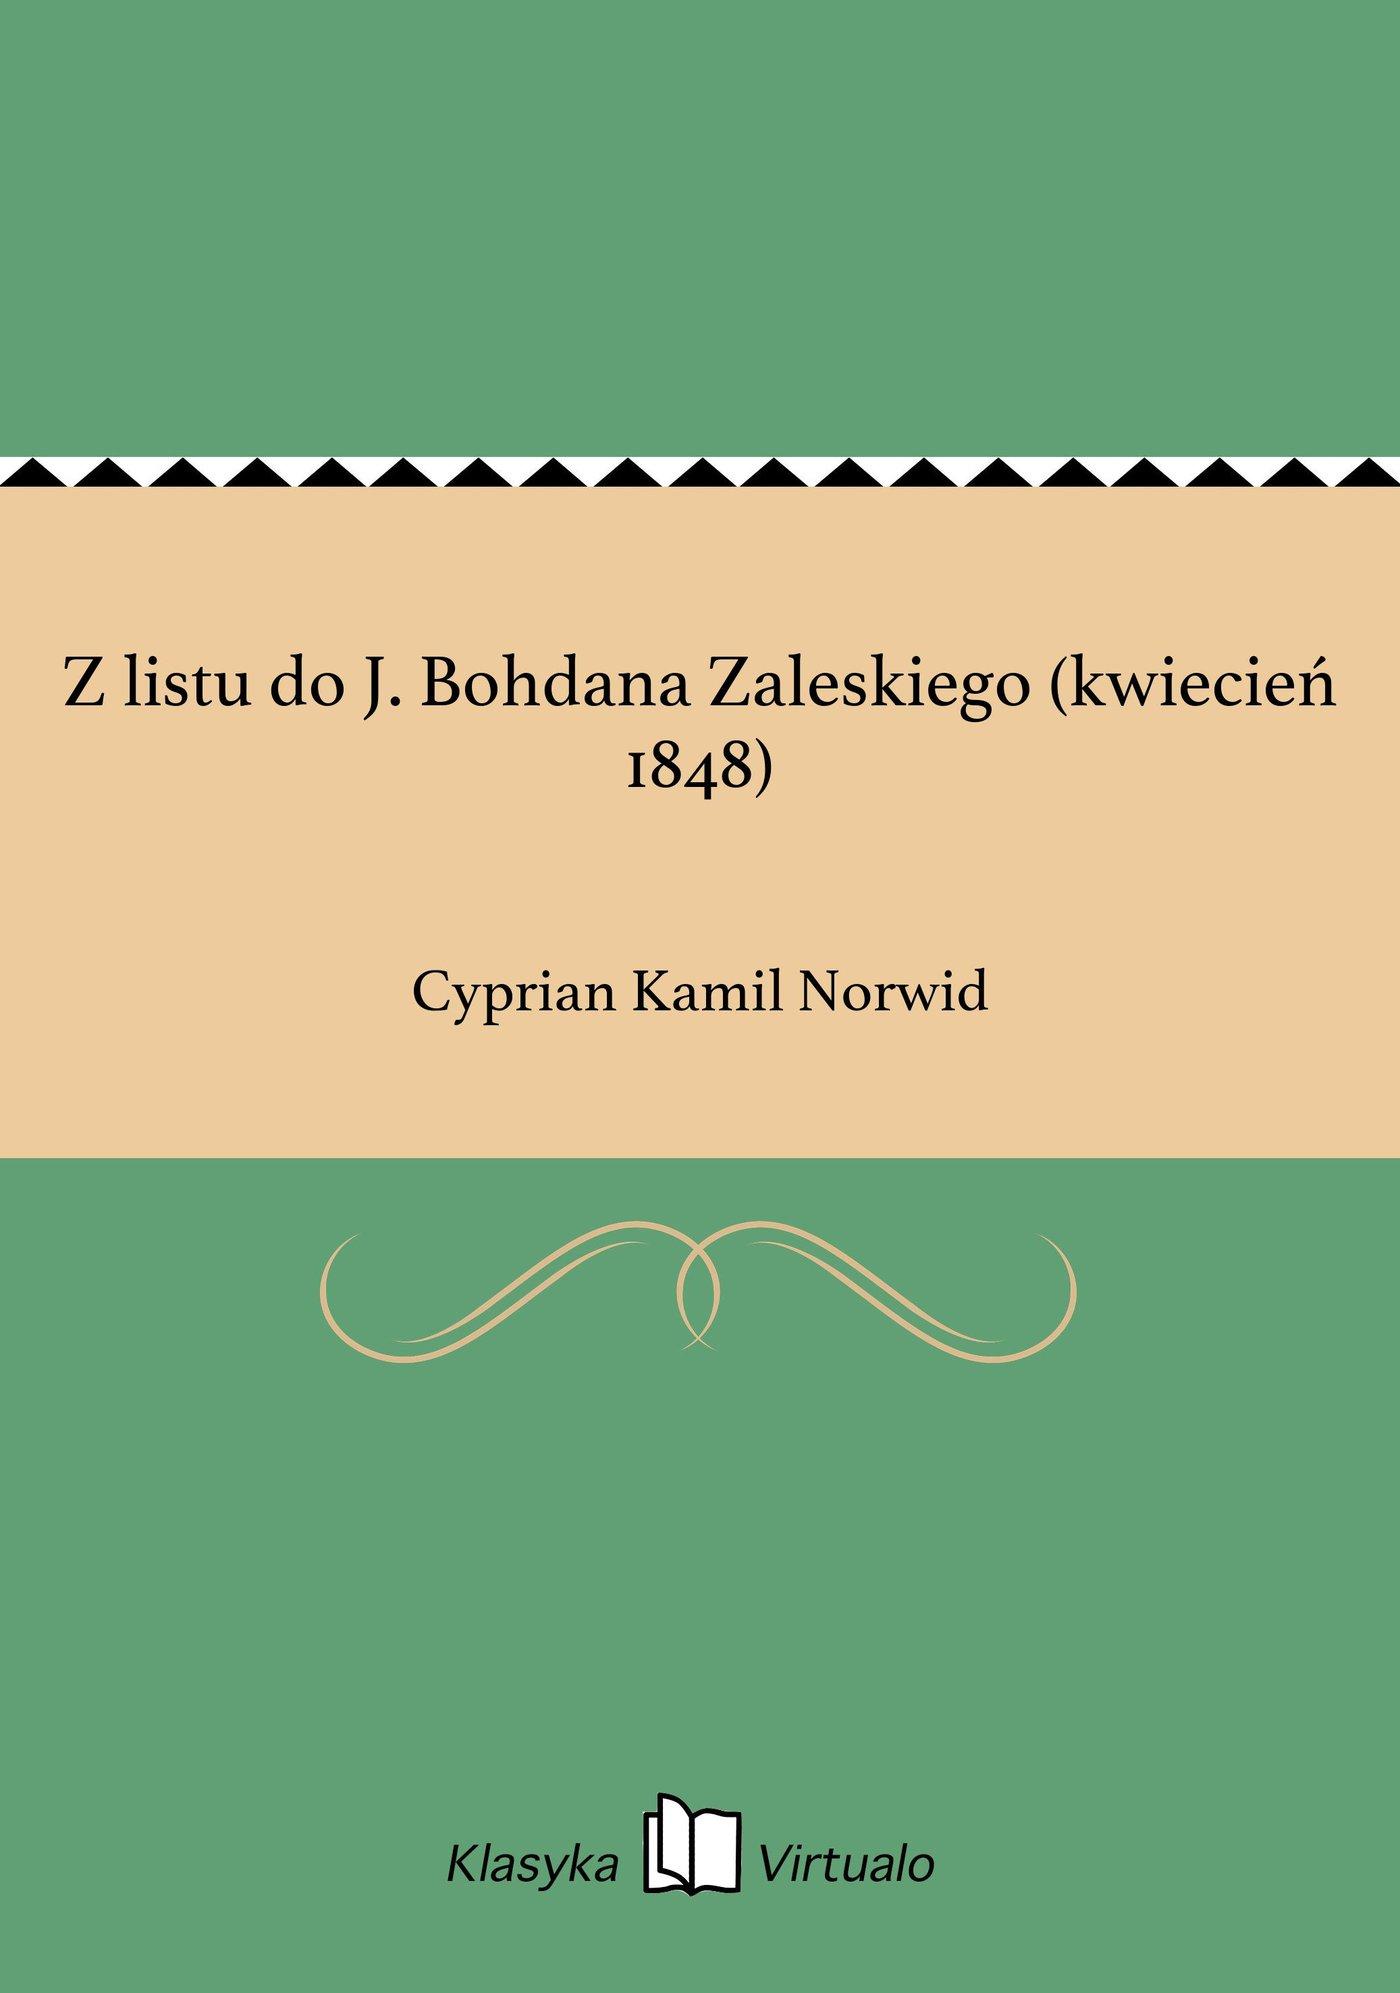 Z listu do J. Bohdana Zaleskiego (kwiecień 1848) - Ebook (Książka EPUB) do pobrania w formacie EPUB